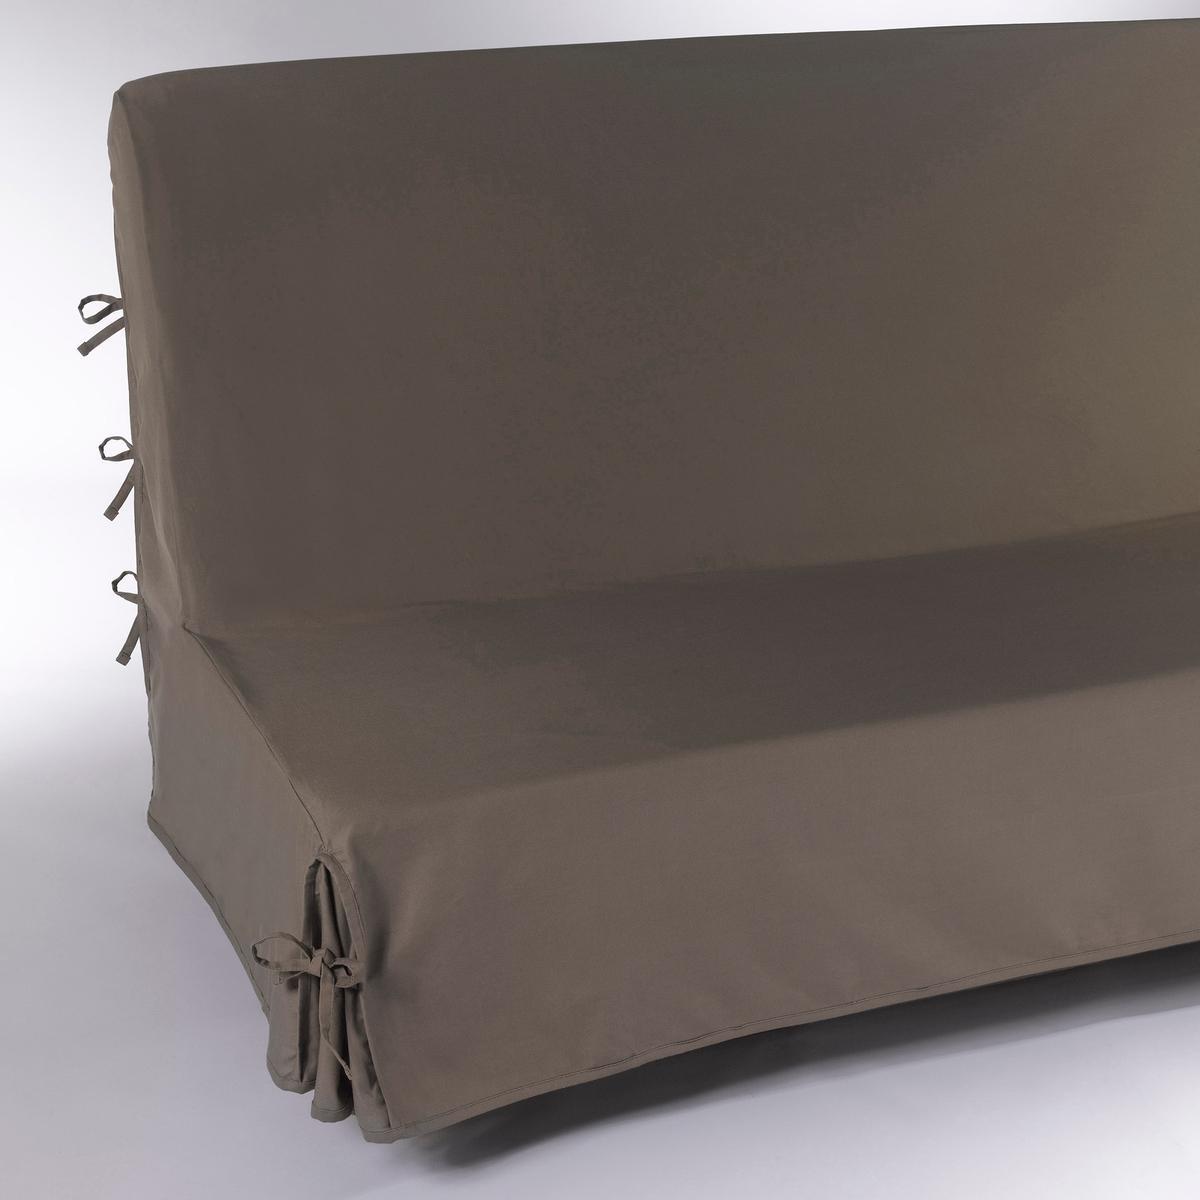 Чехол для дивана-книжкиХарактеристики чехла для дивана-книжки:Чехол для дивана-книжки из красивого плотного материала, 100% хлопок (220 г/м?), есть 13 цветов.Полностью закрывает диван включая спинку:: удобные клапаны фиксируются завязками.Простой уход : стирка при 40°, превосходная стойкость цвета.Обработка против пятен.       Размеры чехла для дивана-книжки : Ширина : 190 см, Глубина: 65 см. Для спального места от 120 до 136 см в разложенном состоянии.Качество Valeur S?re.              Сертфикат Oeko-Tex® дает гарантию того, что товары изготовлены без применения химических средств и не представляют опасности для здоровья человека.<br><br>Цвет: рубиново-красный,серо-коричневый каштан